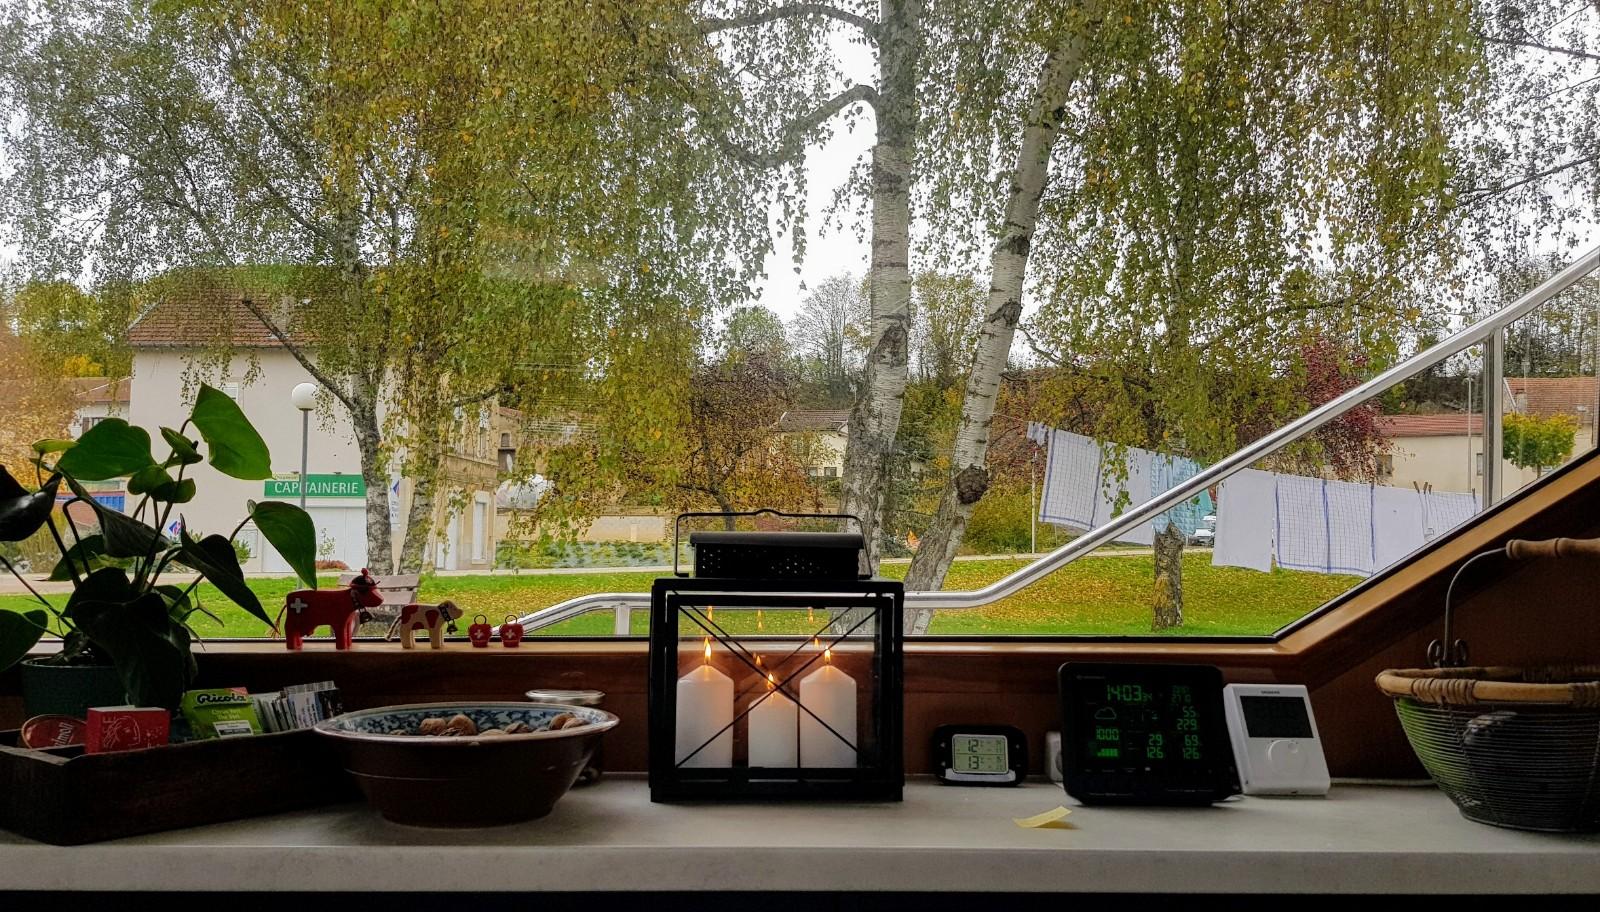 Sicht vom Boot aus auf unseren kleinen Park, auf dem Sideboard brennen bereits Kerzen in der Laterne; Der Winter kommt!